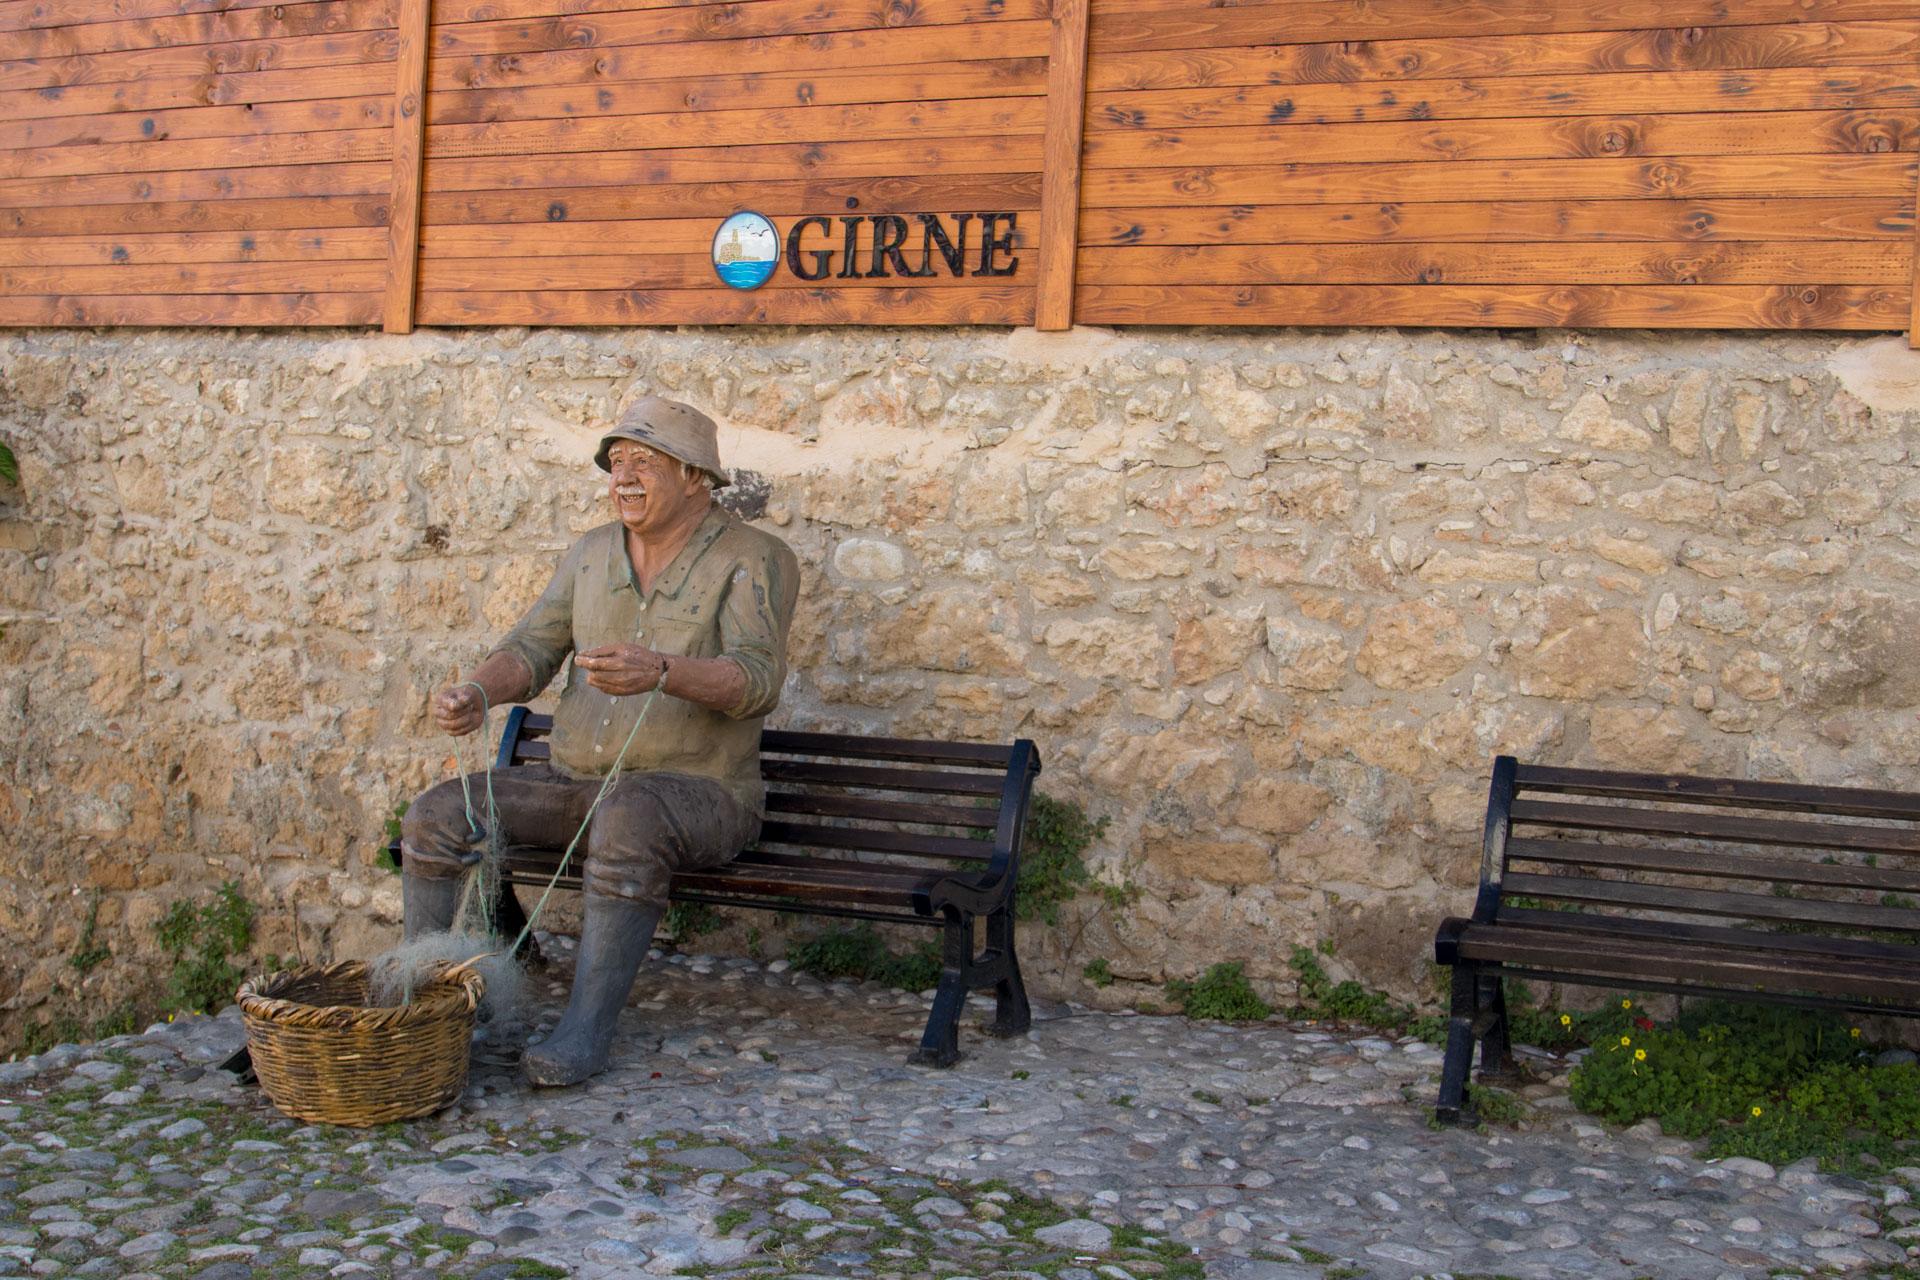 Kıbrıs Fotoğrafları eşiliğinde Kıbrıs Gezilecek Yerler Çekergezer Hakan Aydın www.hakanaydın.com.tr www.cekergezer.com